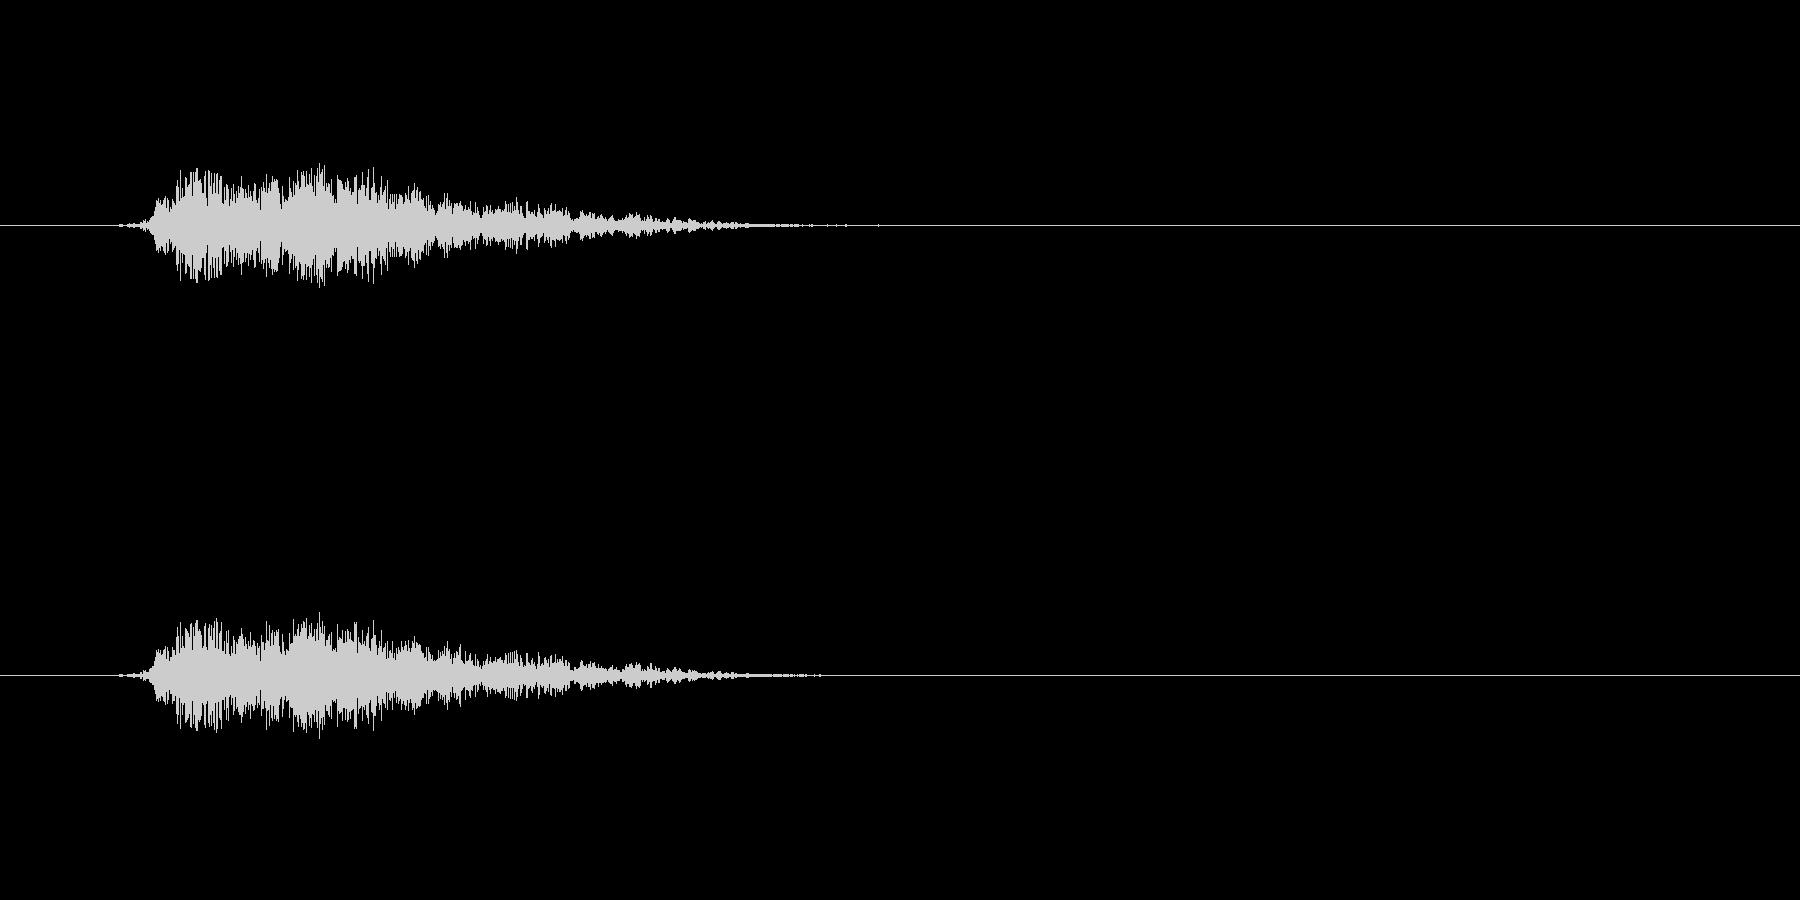 【モンスター02-02】の未再生の波形